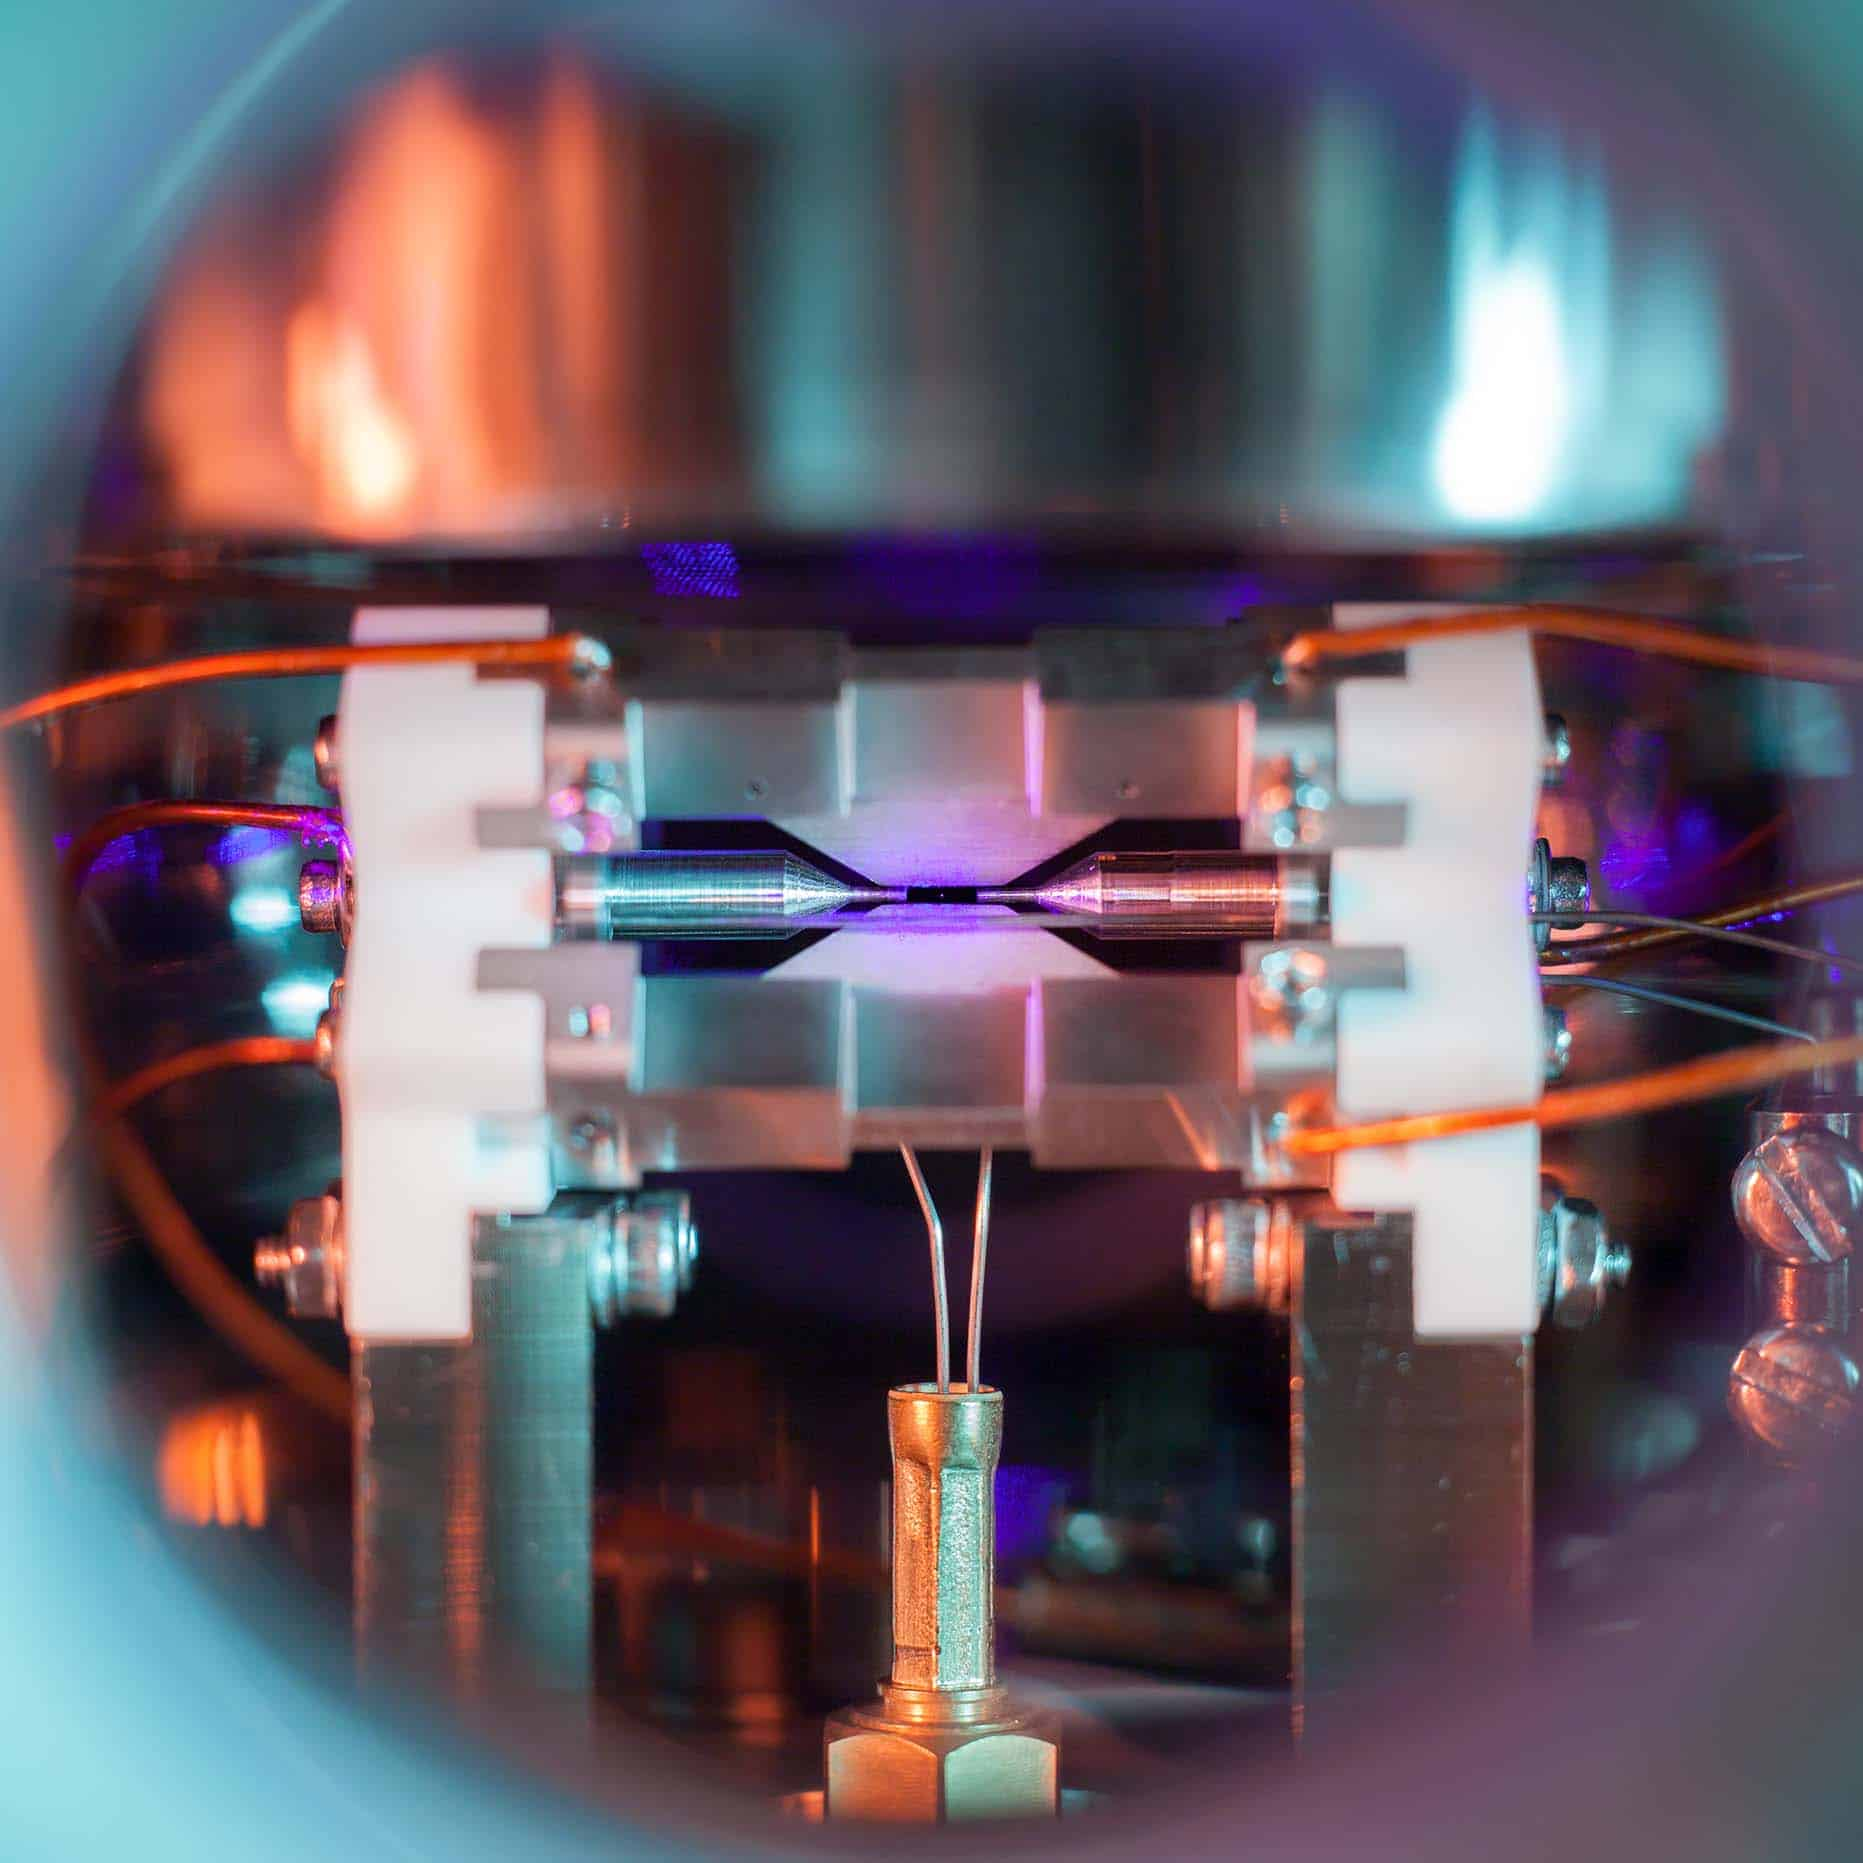 Tấm ảnh chụp 1 nguyên tử